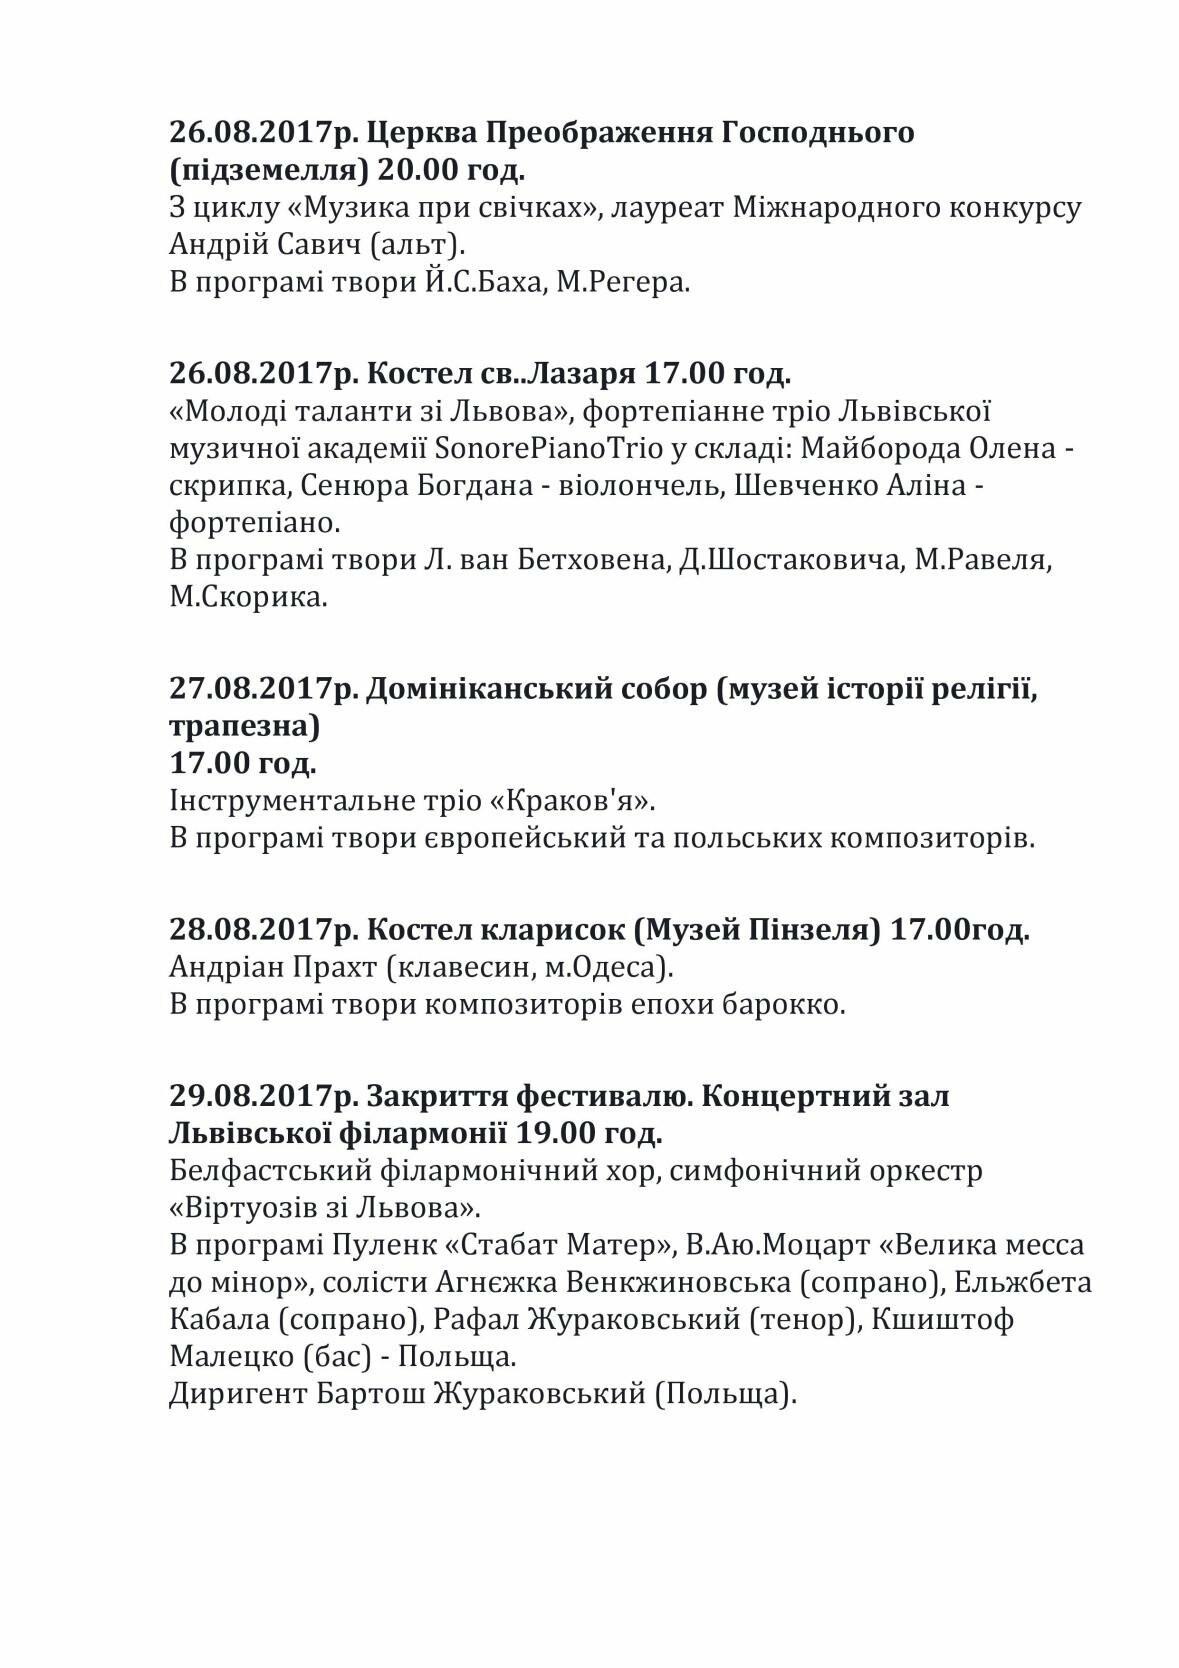 Сьогодні стартує фестиваль «Музика в старому Львові»: програма, локації і вартість квитків , фото-2